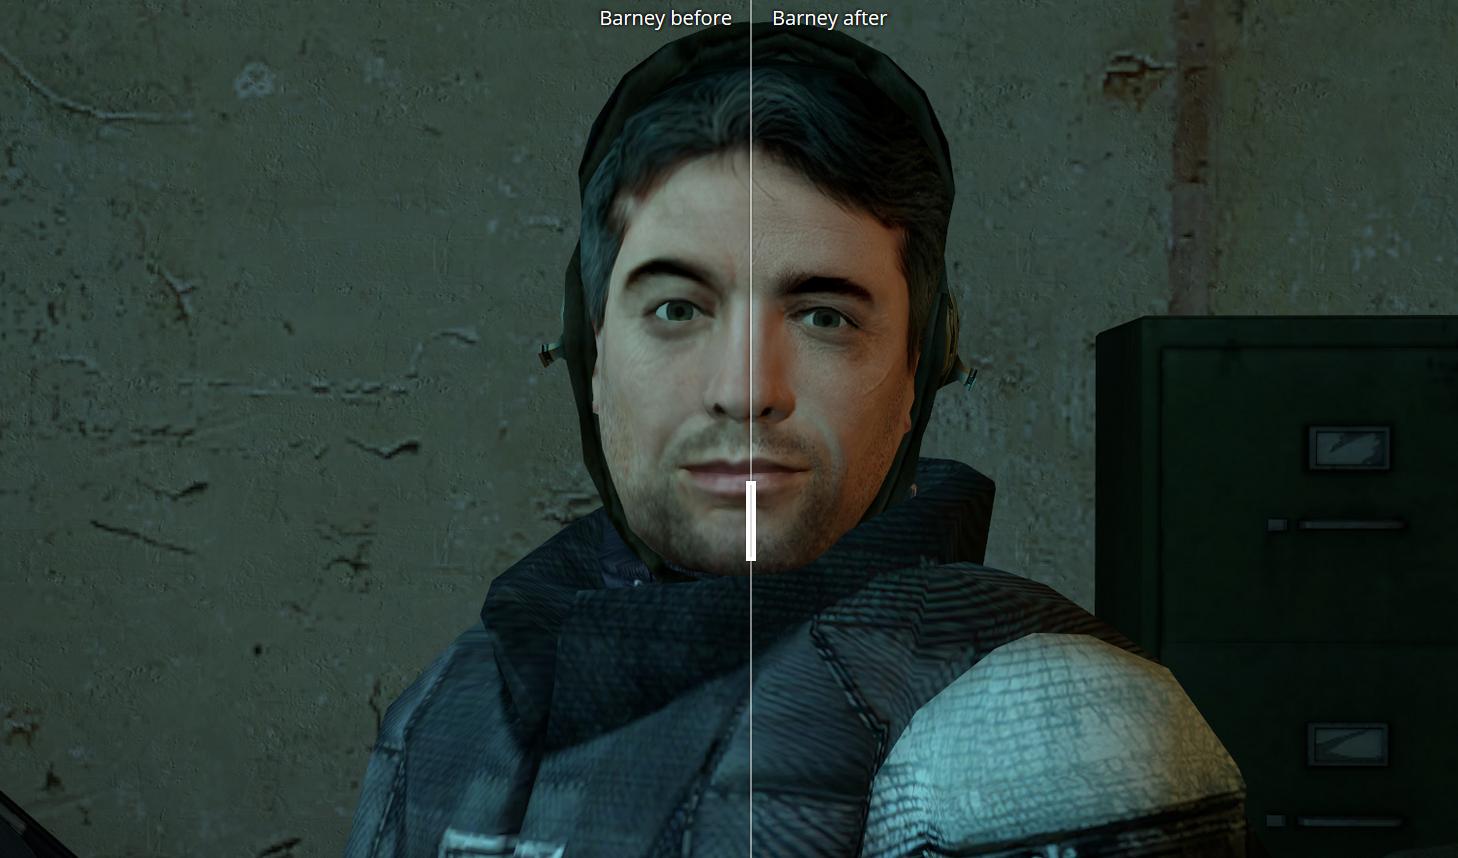 玩家使用AI技术打造PC《半条命2》高清材质包